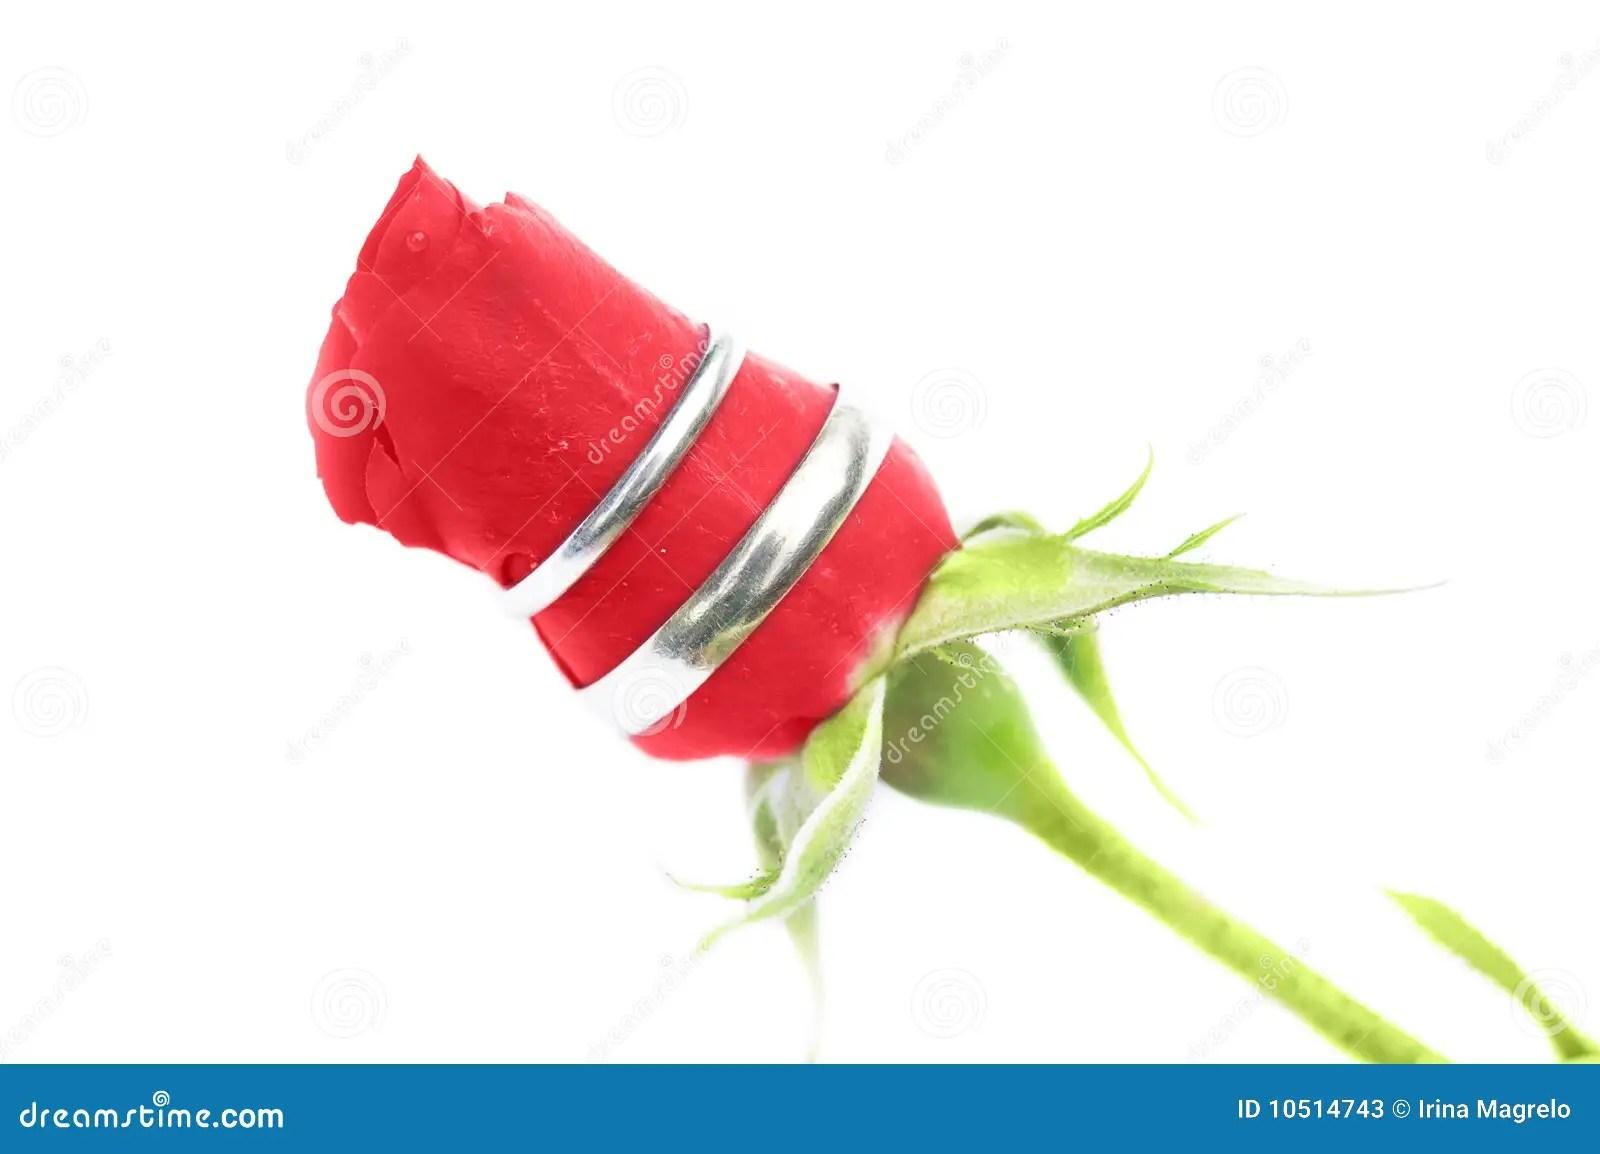 Hochzeitsringe Auf Einer Rose Stockfotos  Bild 10514743